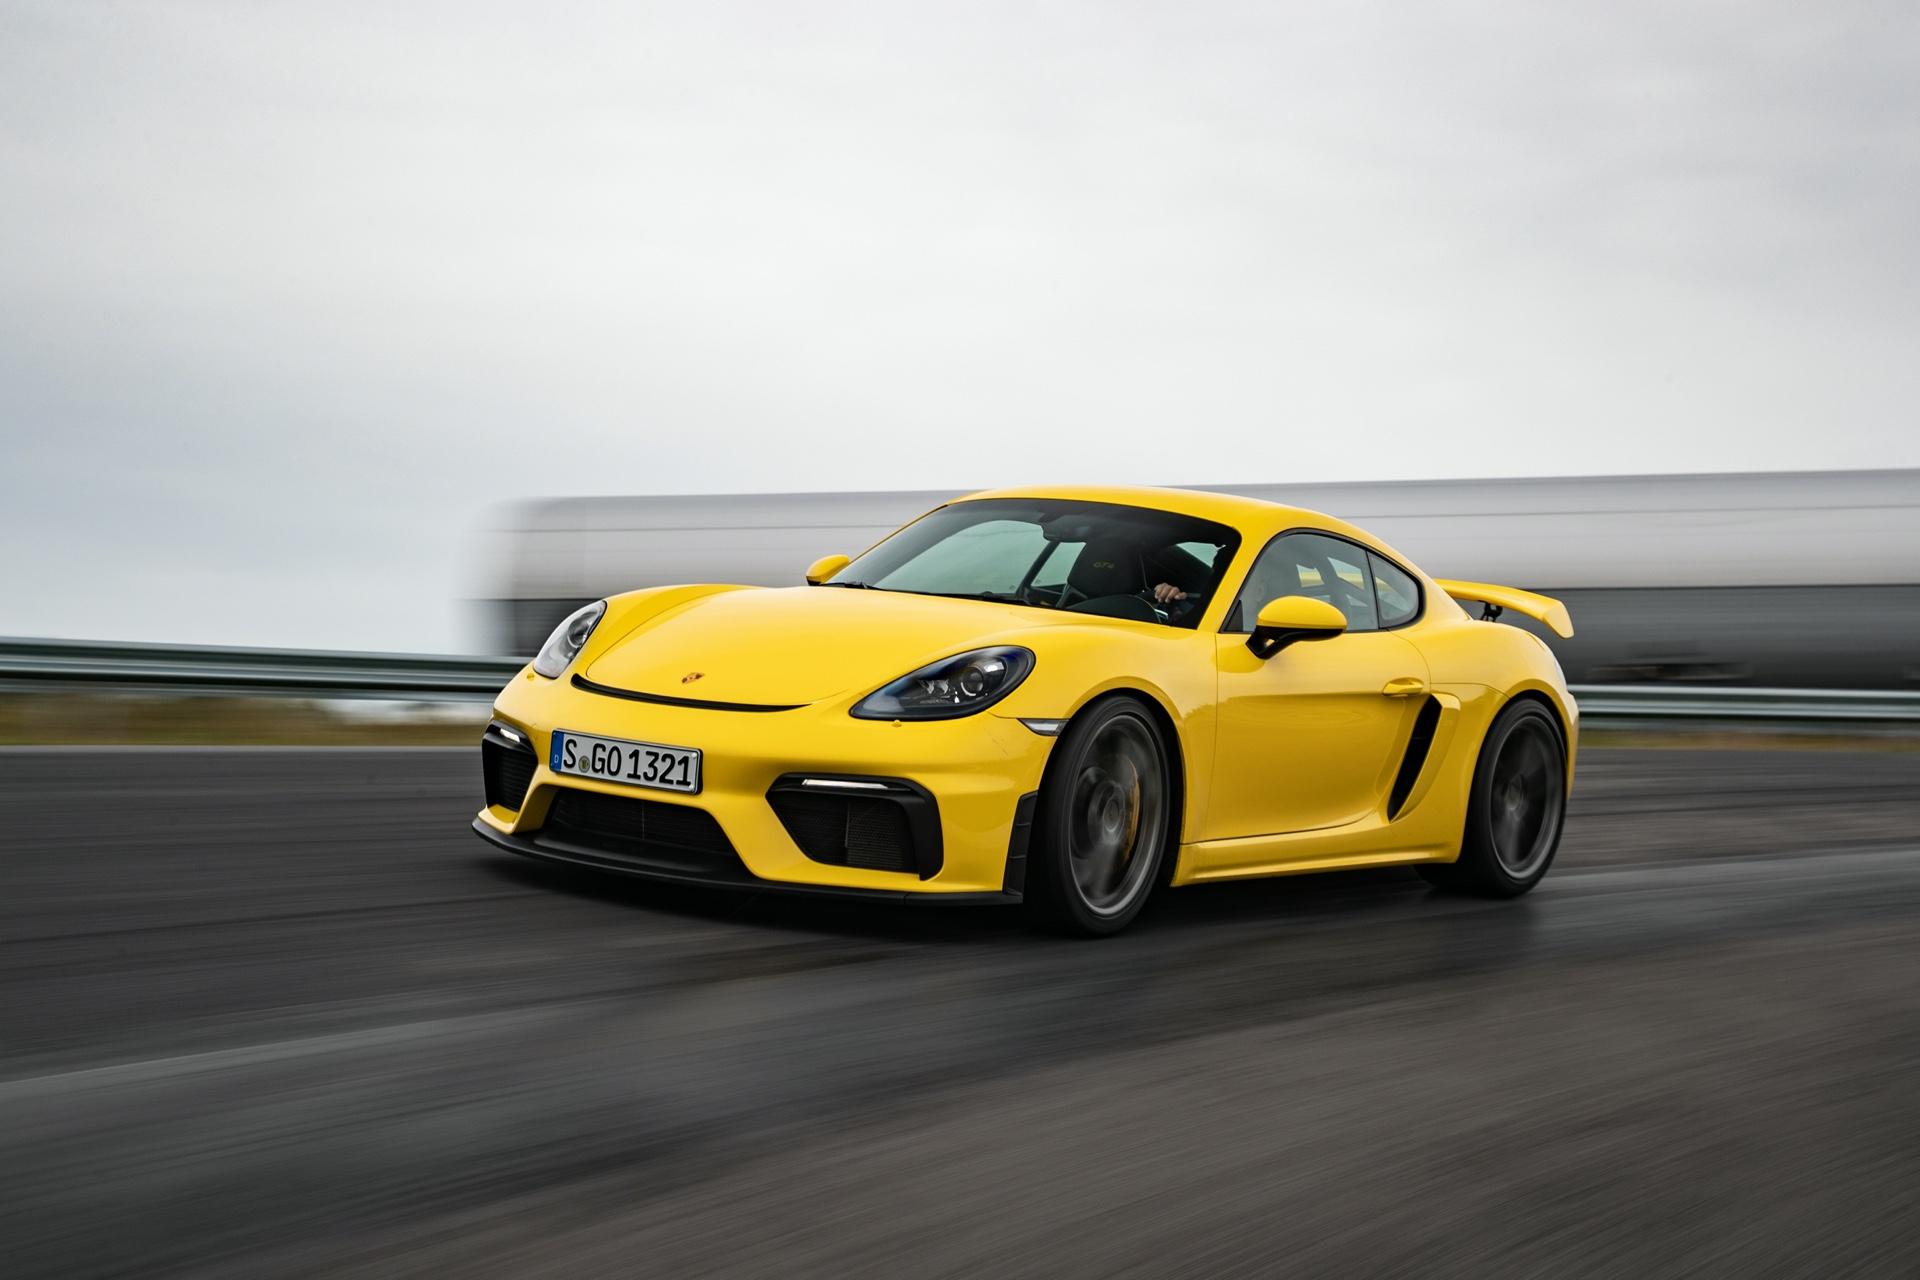 2021 Porsche 718 GT4/Spyder & GTS 4.0 PDK Review